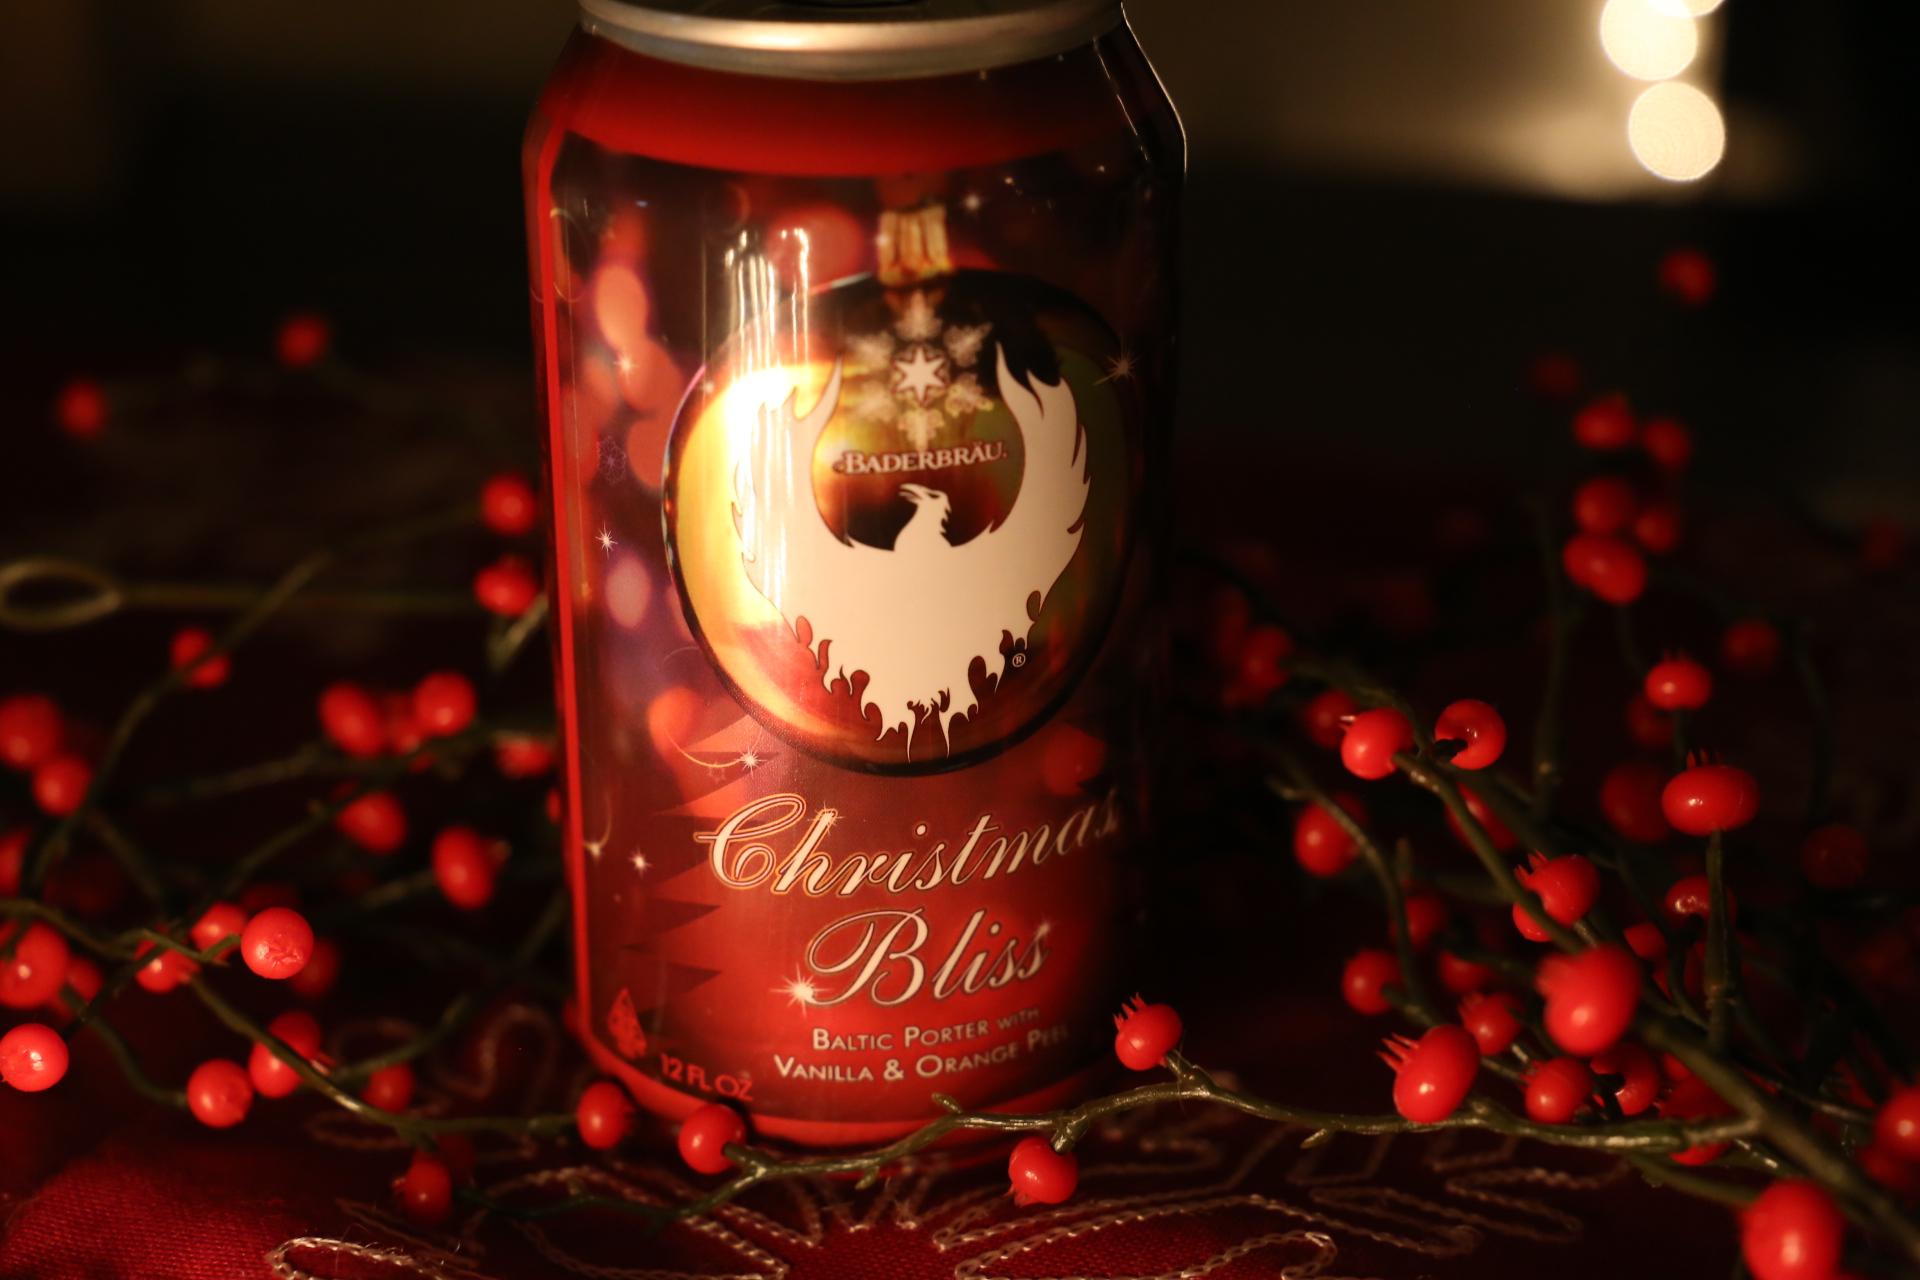 Spotlight: Baderbrau Christmas Bliss - Beer Street Journal